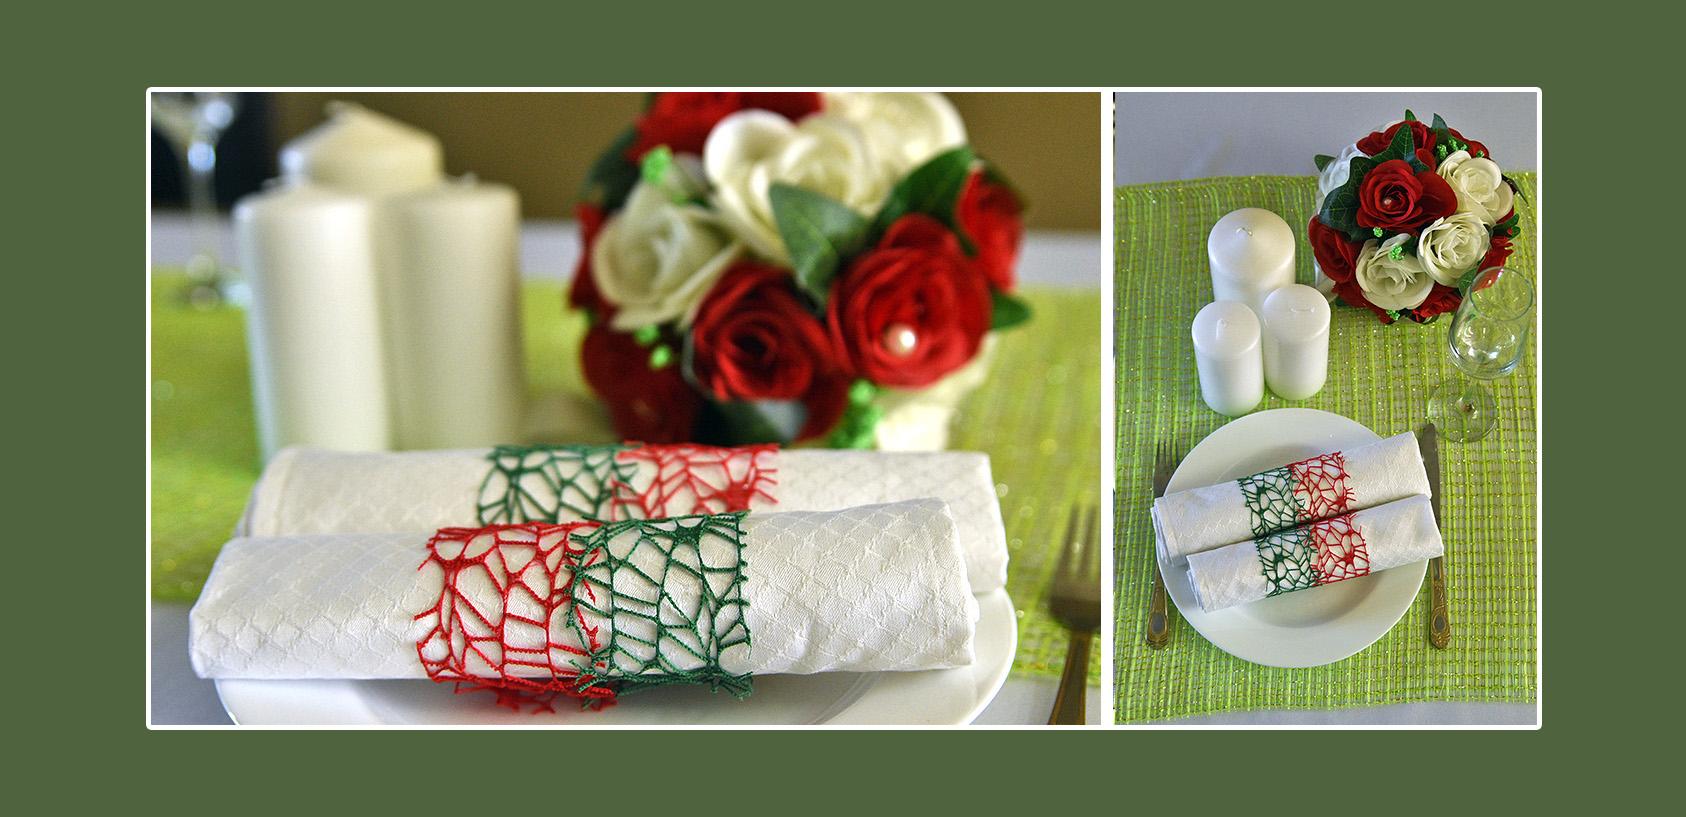 Stoffservietten mi roten und dunkelgrünen Bändern dekorieren zum Geburtstag